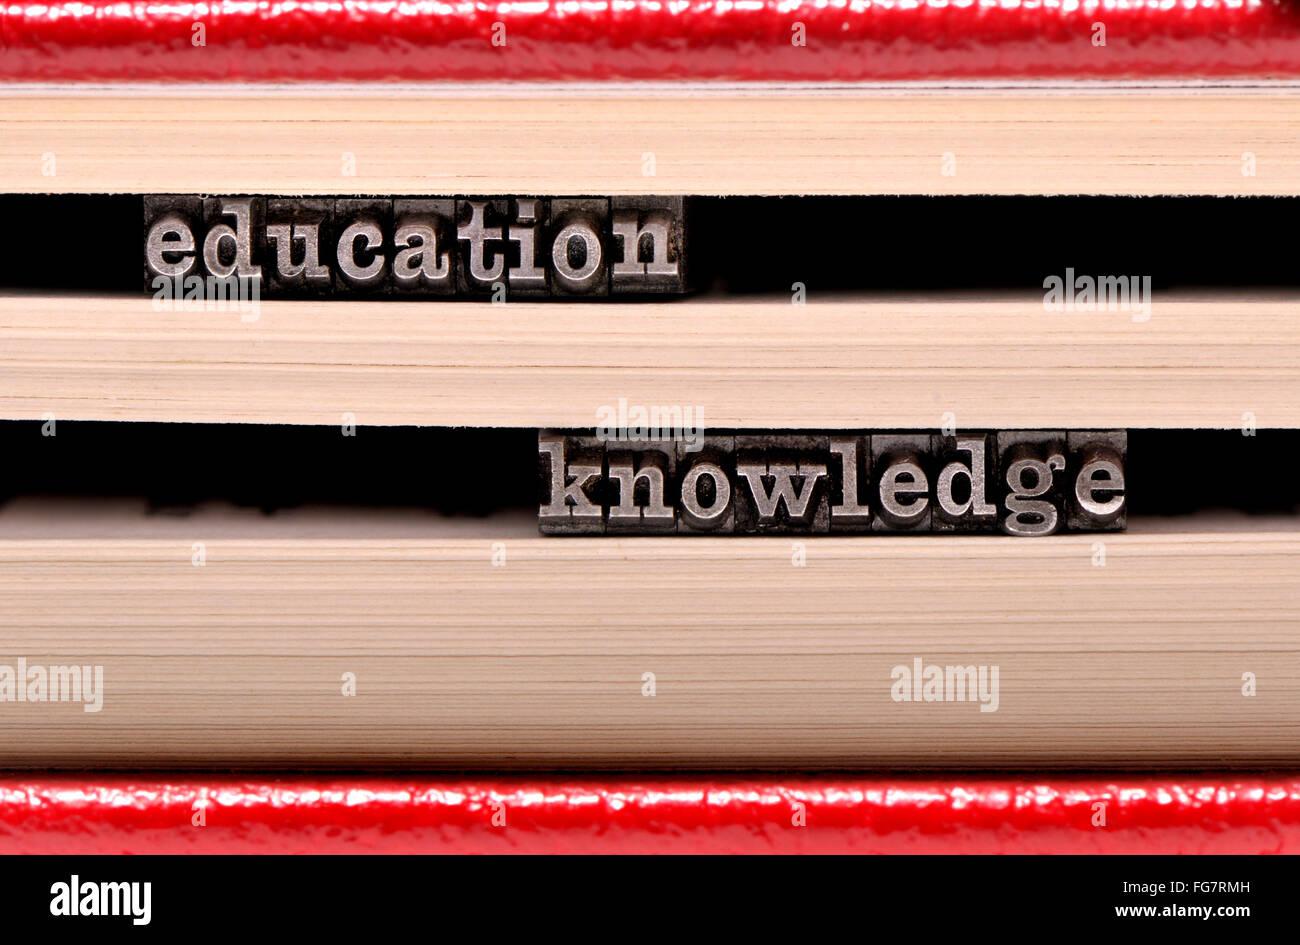 Caractères typographiques, à l'éducation / connaissance Photo Stock